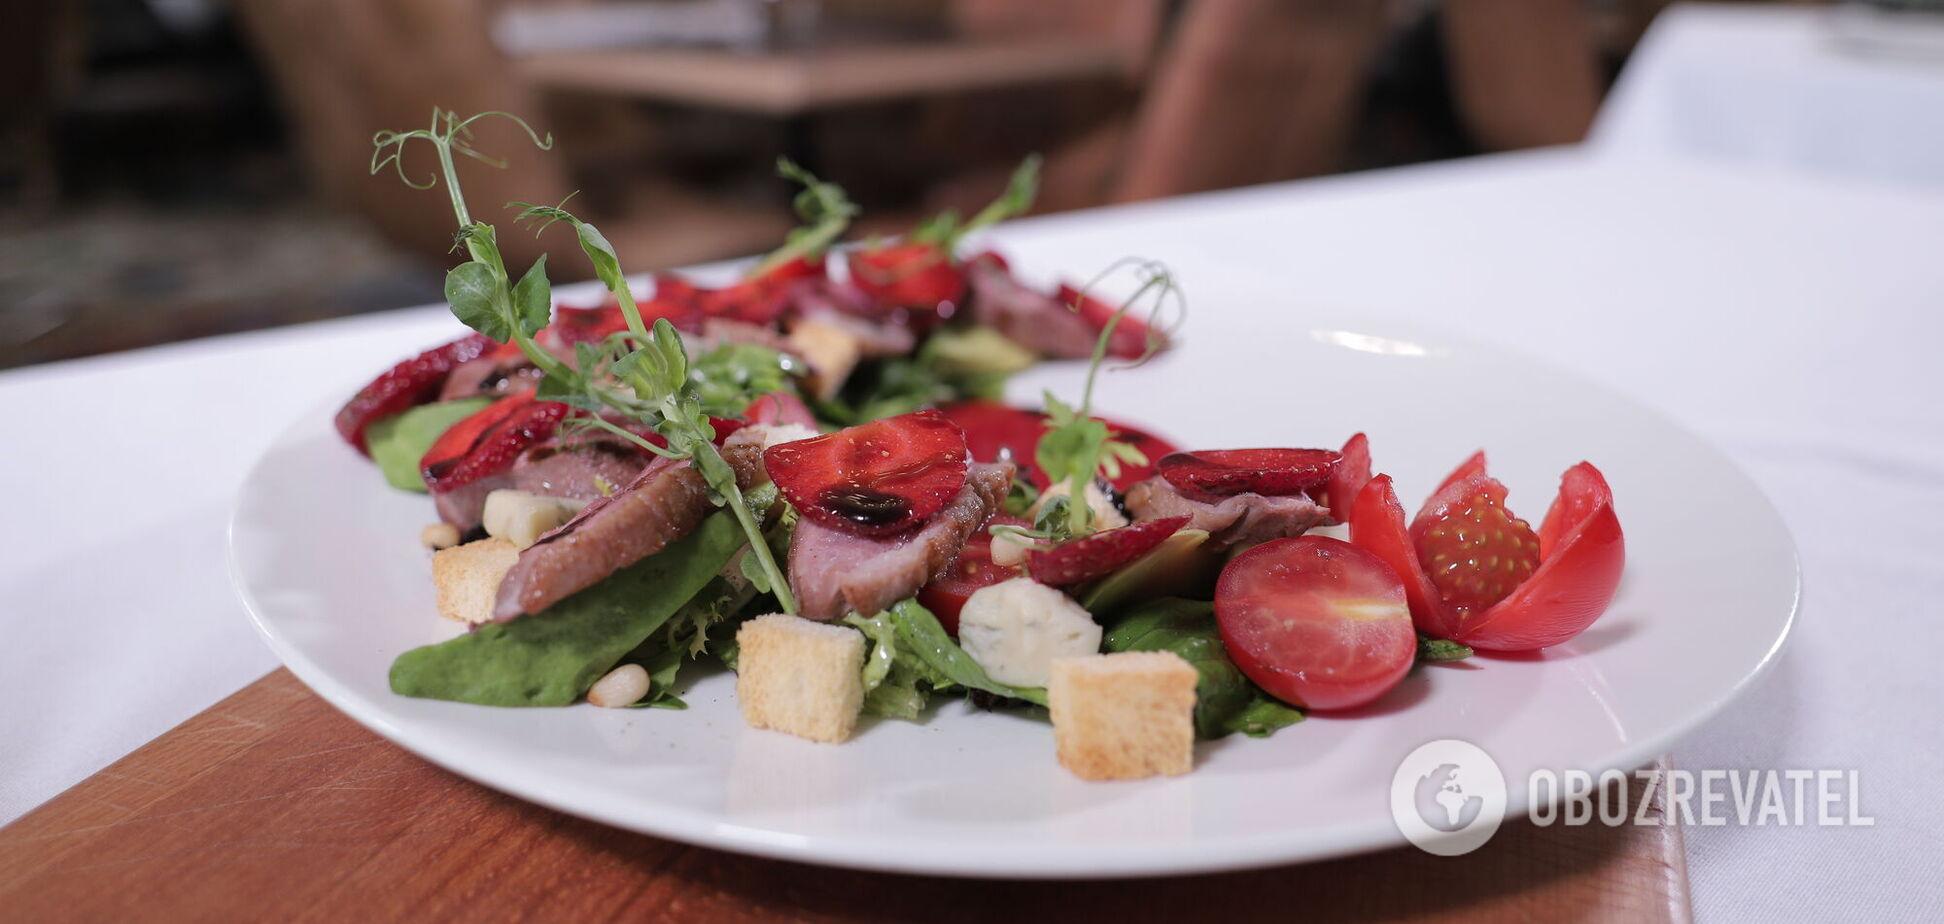 Салат с утиным филе и клубникой для изысканного ужина